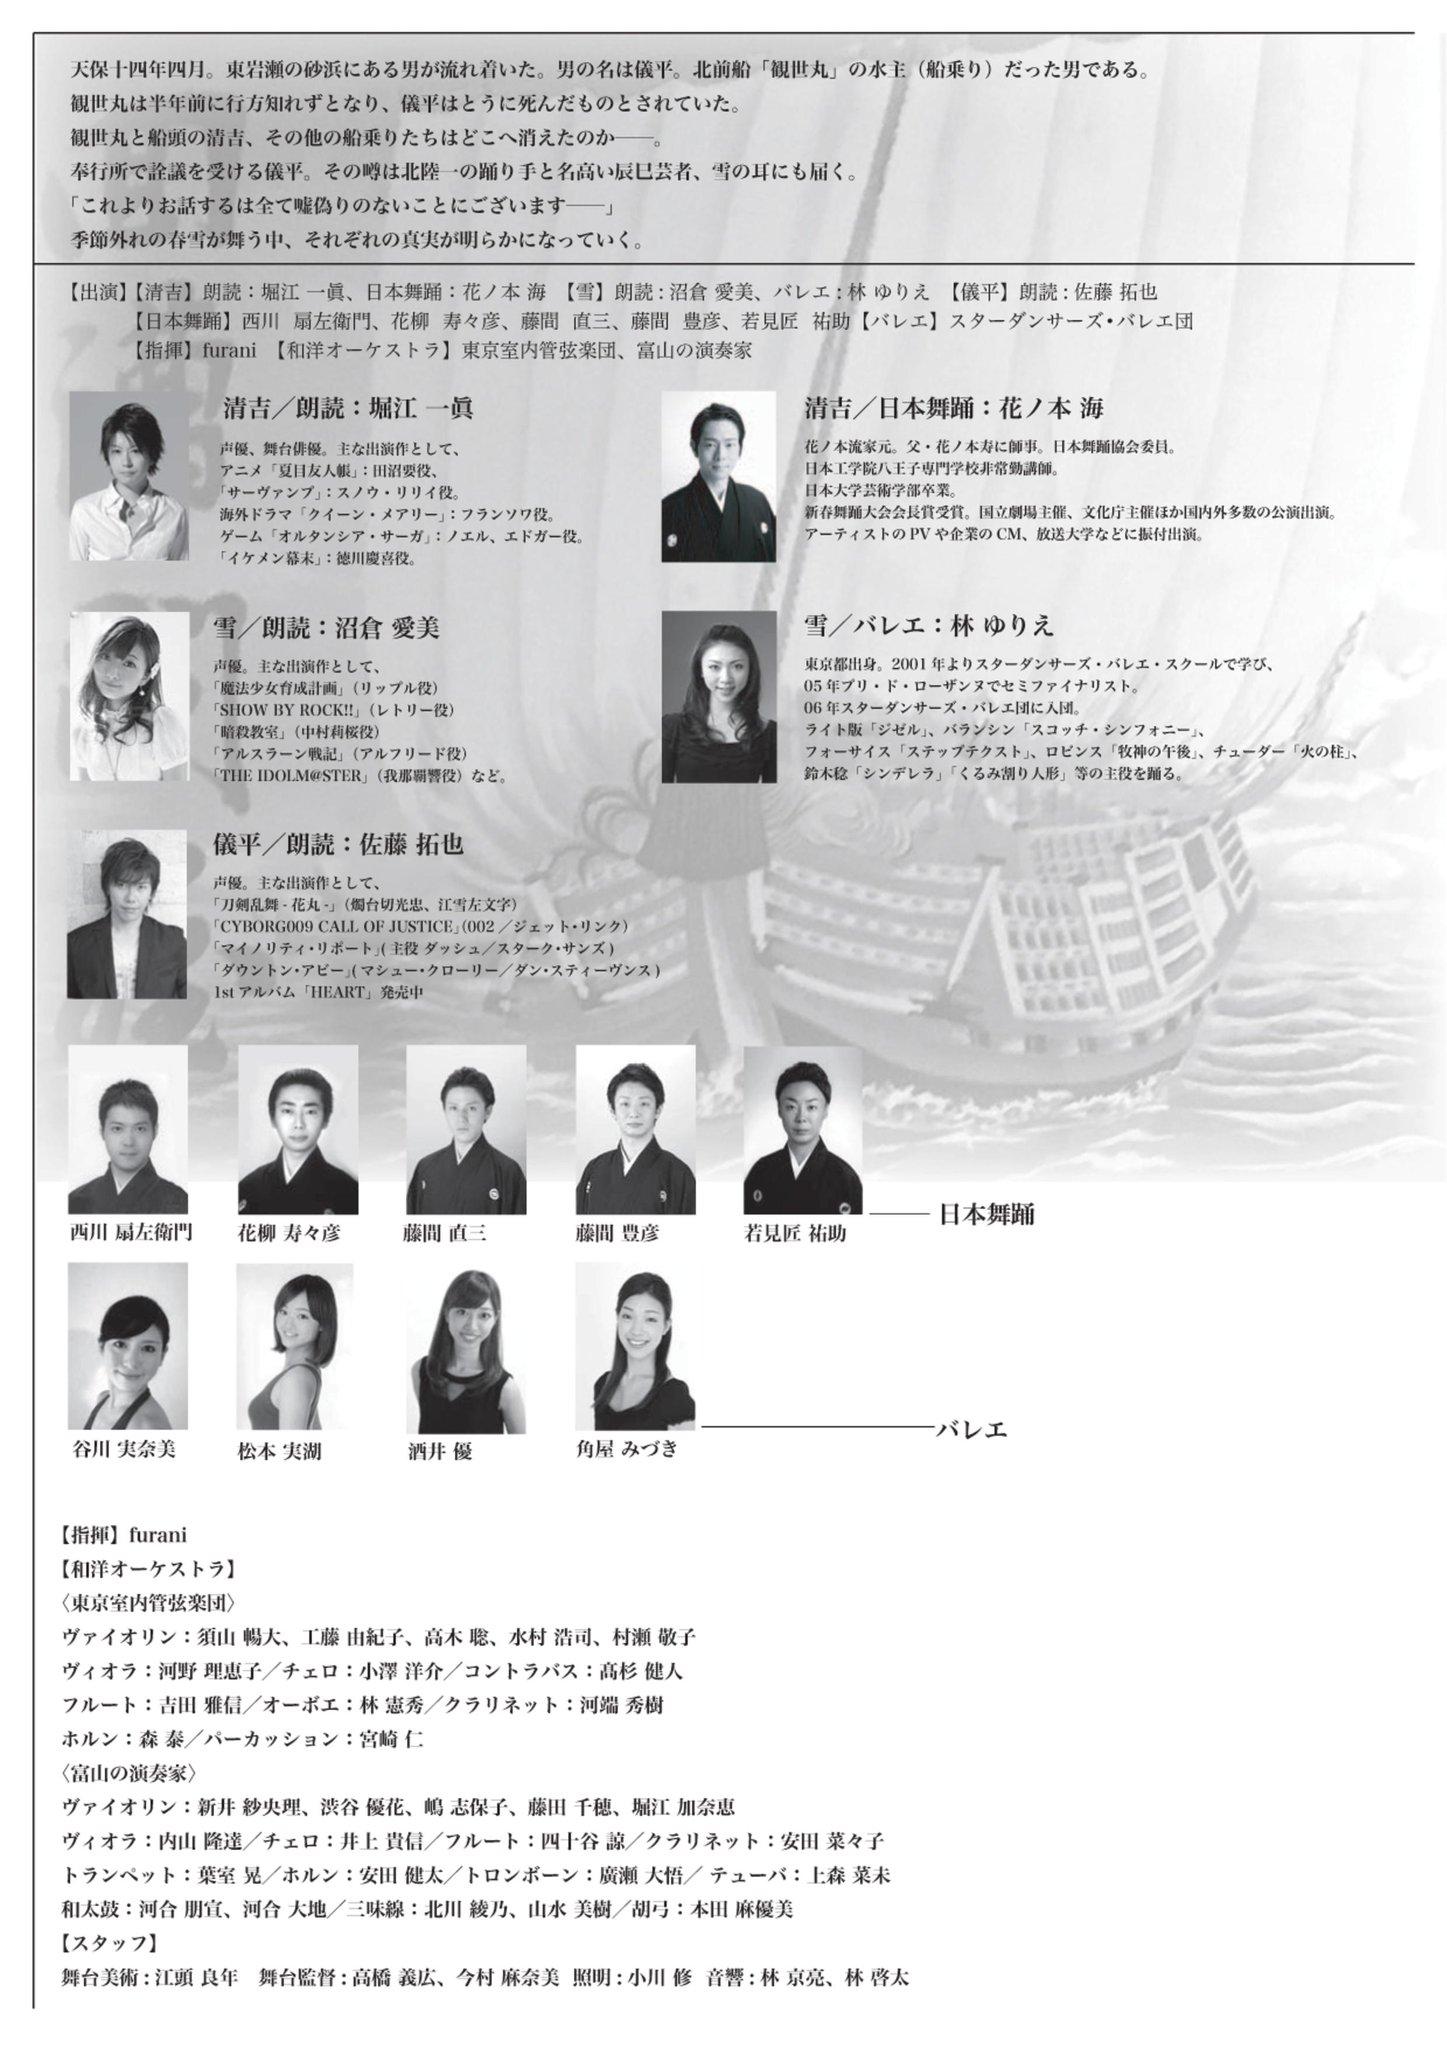 """富山県民会館 on Twitter: """"音劇 北前船 ~とやまから新たな鼓動 ..."""